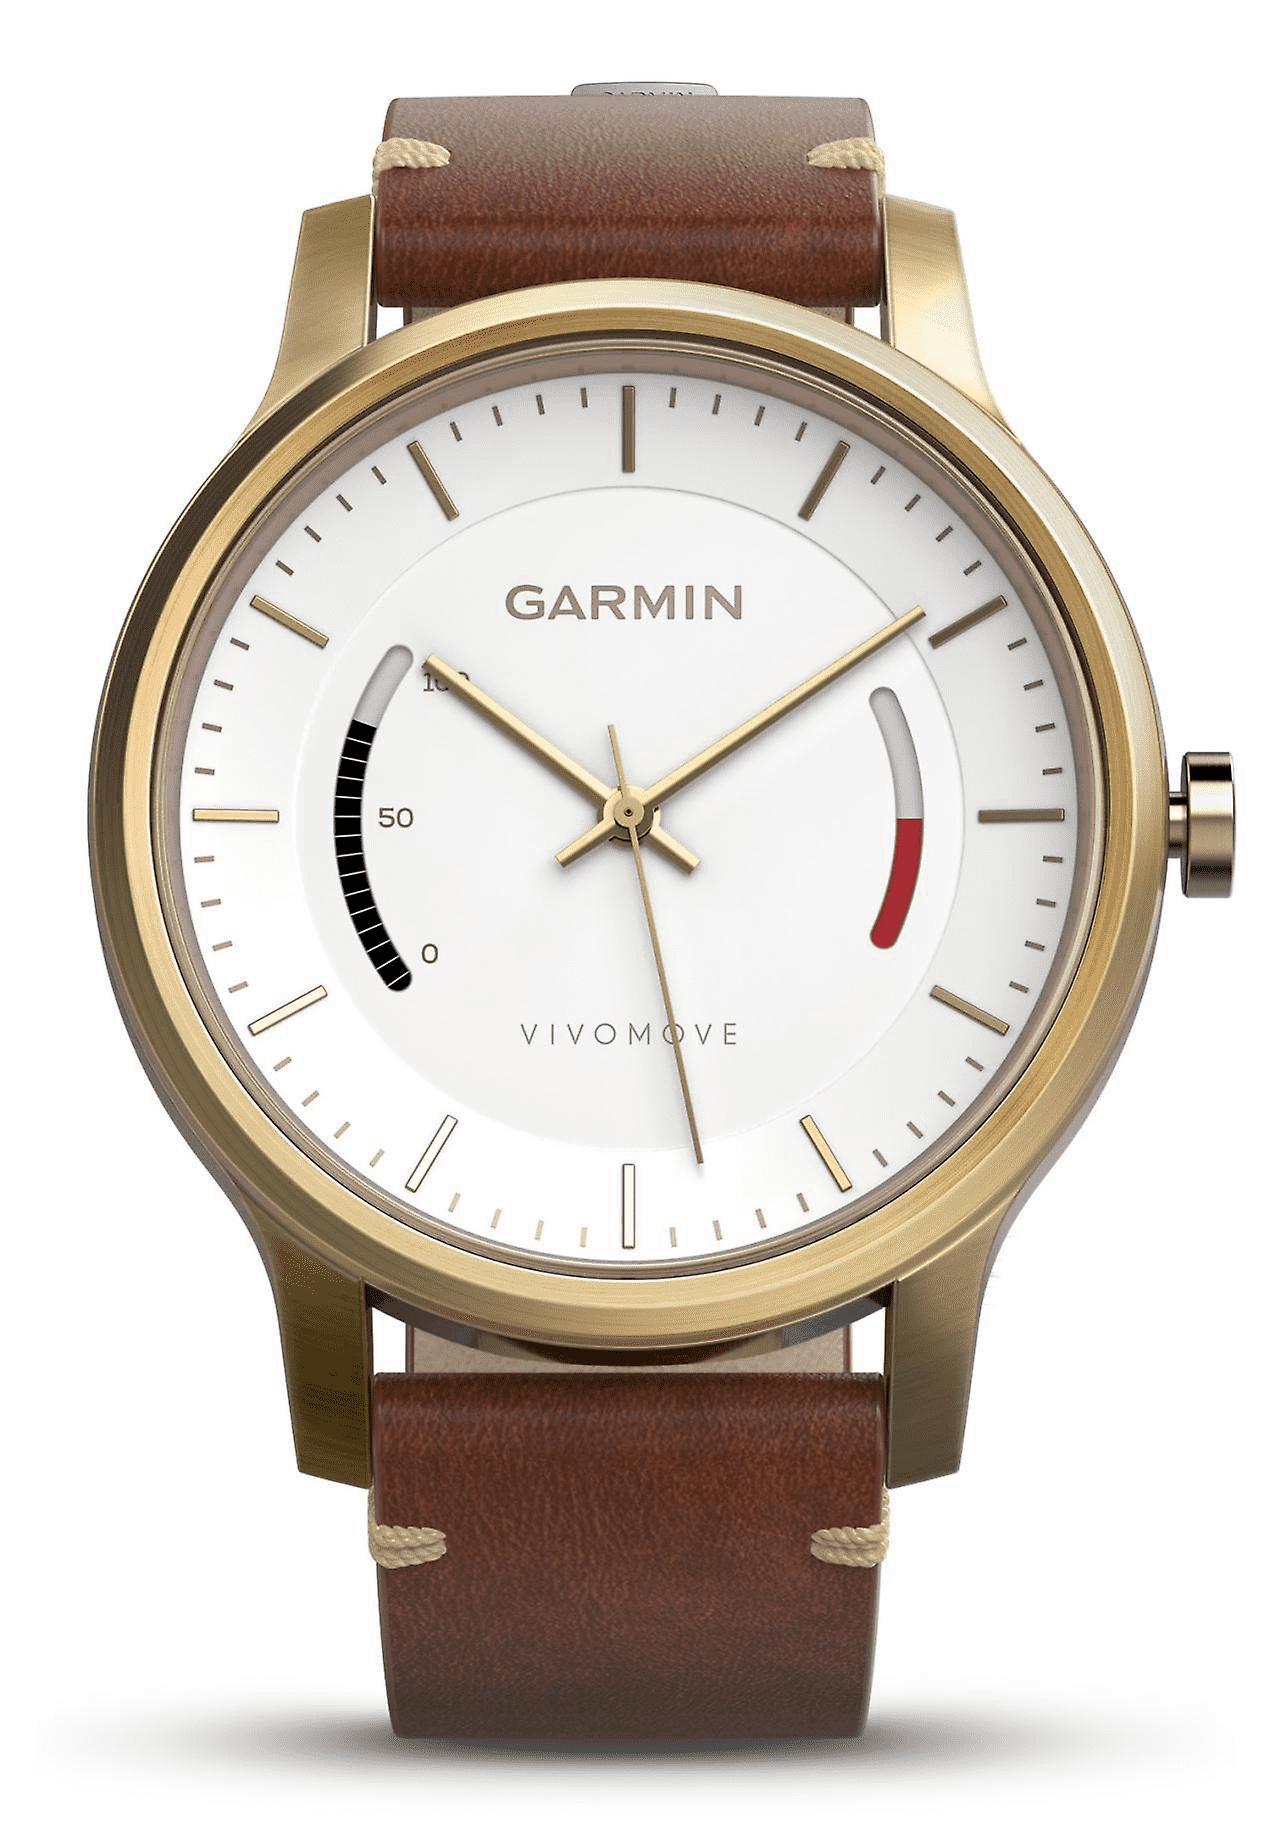 Zegarek sportowy, monitor aktywności Garmin Vivomove Premium ( 010-01597-21 ), BT